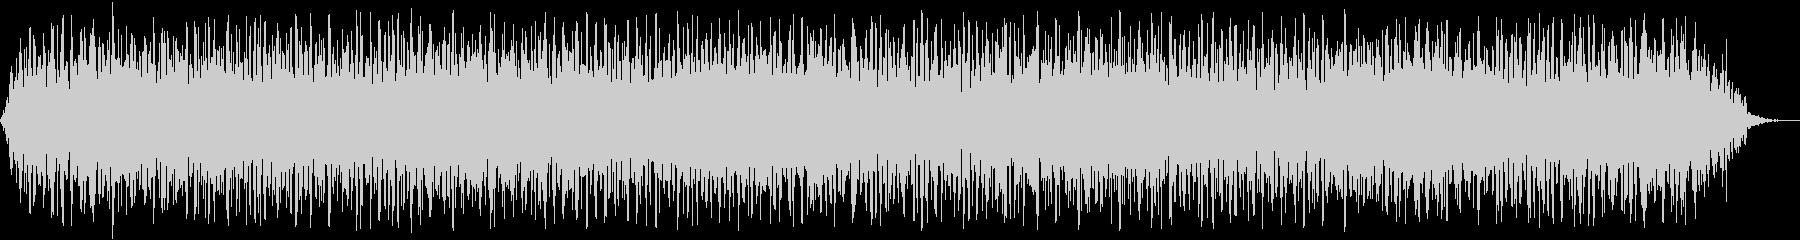 【アンビエント】ドローン_20 実験音の未再生の波形